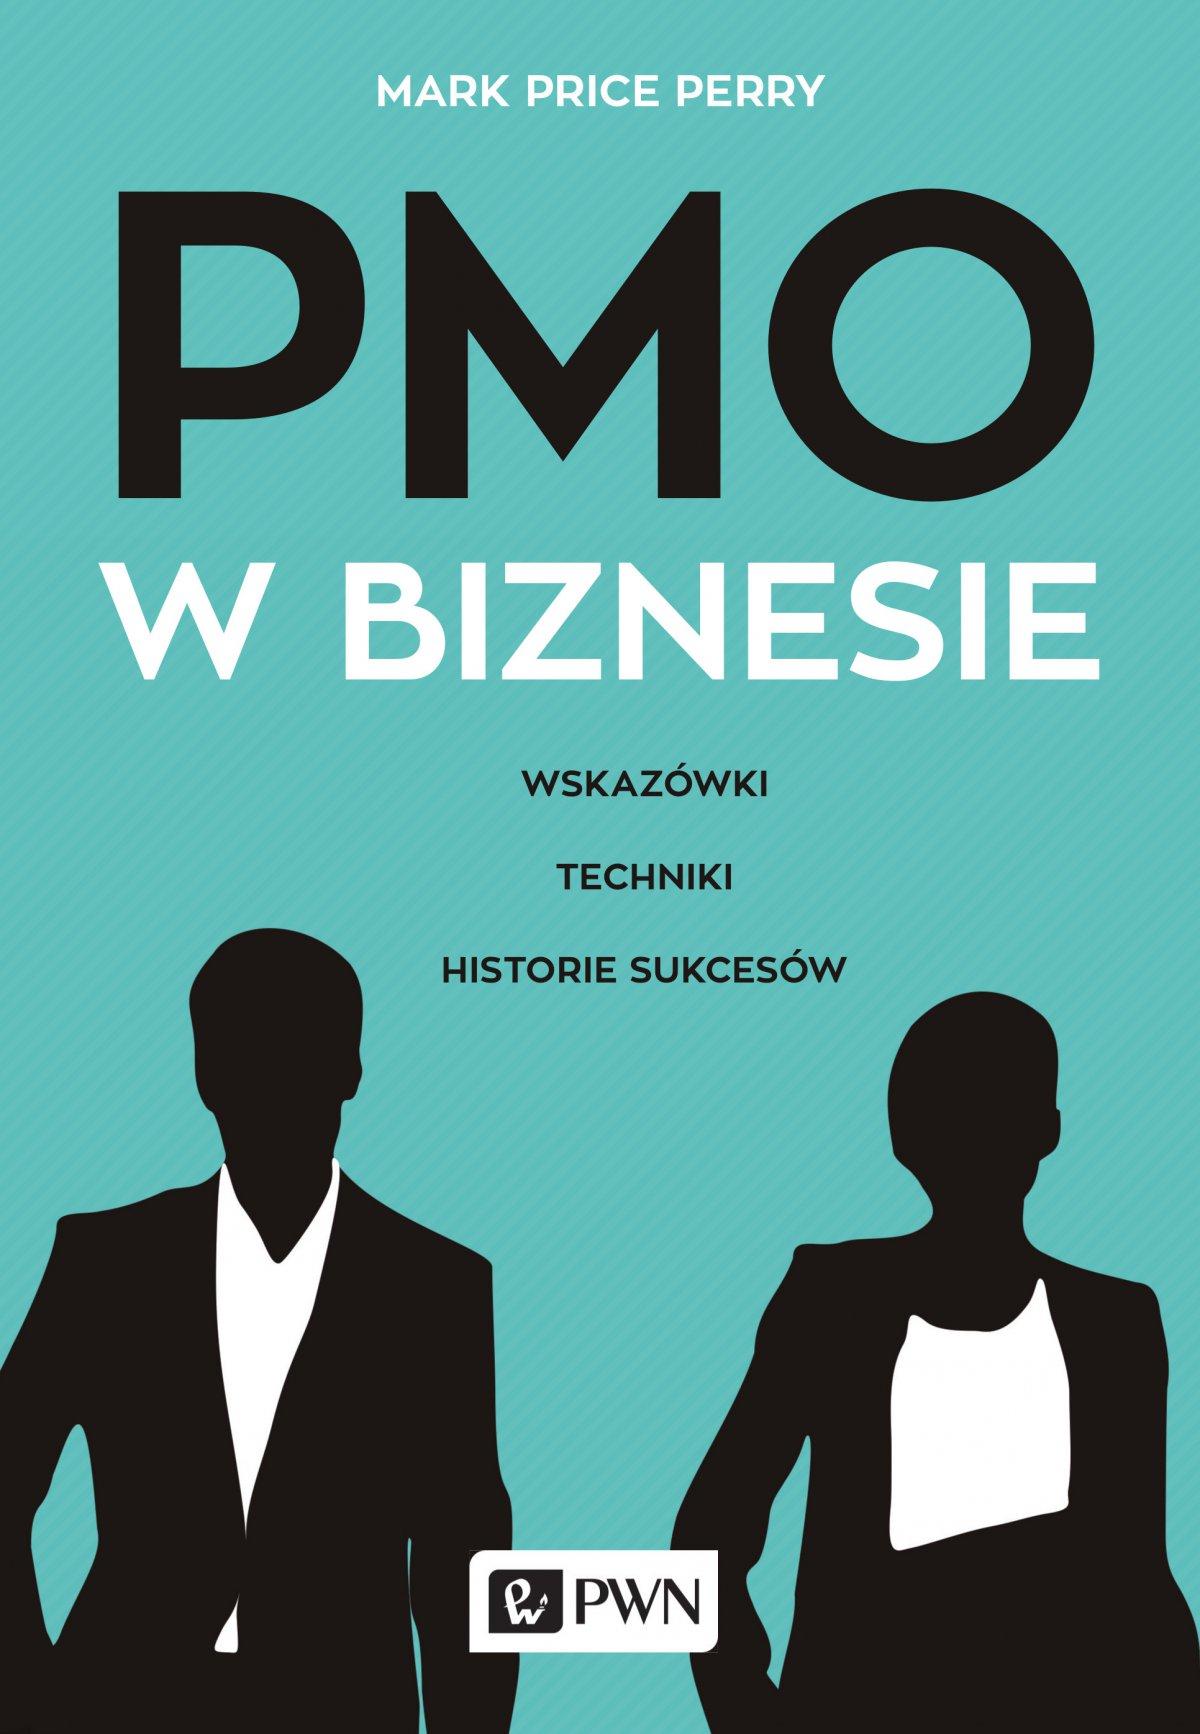 PMO w biznesie - Ebook (Książka EPUB) do pobrania w formacie EPUB